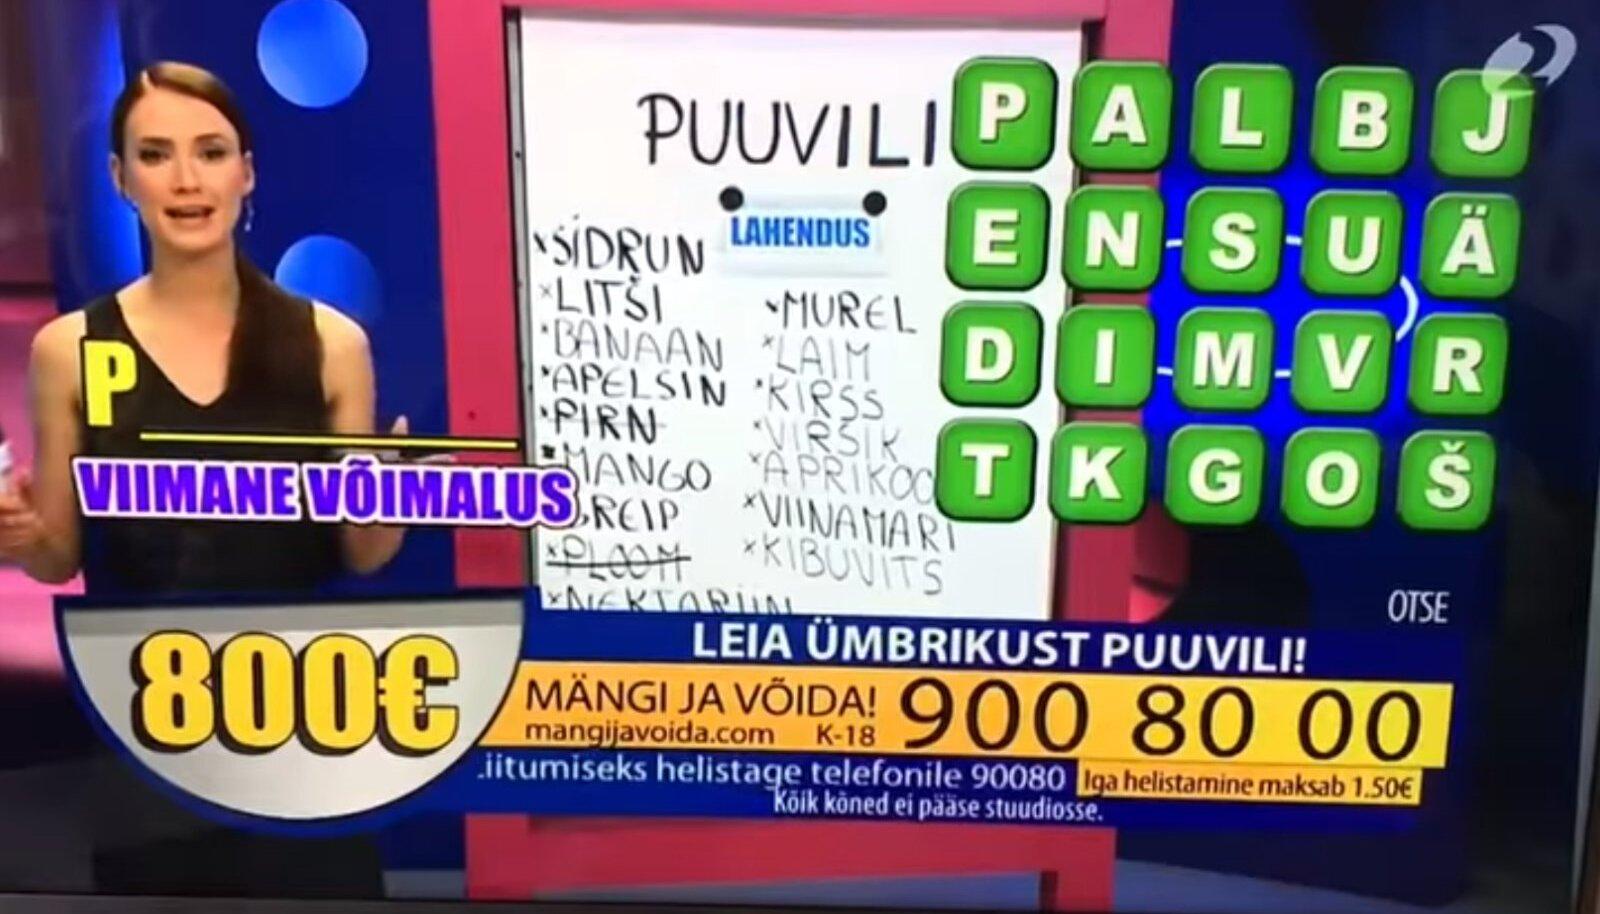 Foto Kanal 2 saatest Mängi ja võida 24.07.2019, kui eetrisse jõudis lahenduseümbriku vahetamine.